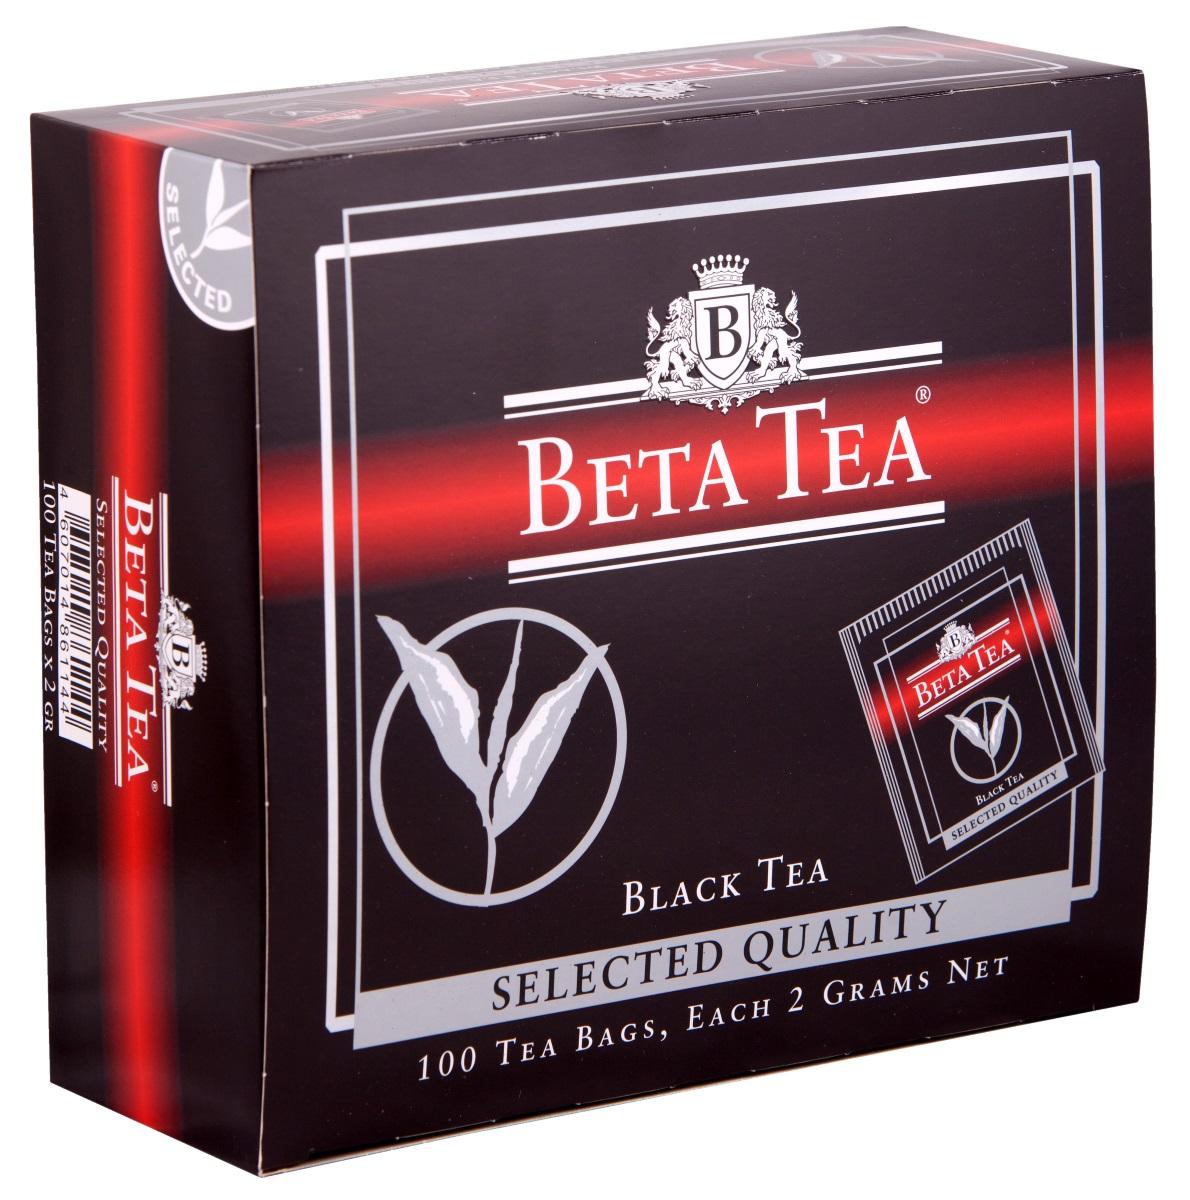 Beta Tea Отборное качество черный чай в пакетиках, 100 шт4607014861144Этот сорт чая поставляют лучшие чайные плантации Шри-Ланки. Любители крепкого чая с терпким вкусом по достоинству оценят Beta Tea Отборное качество.Всё о чае: сорта, факты, советы по выбору и употреблению. Статья OZON Гид